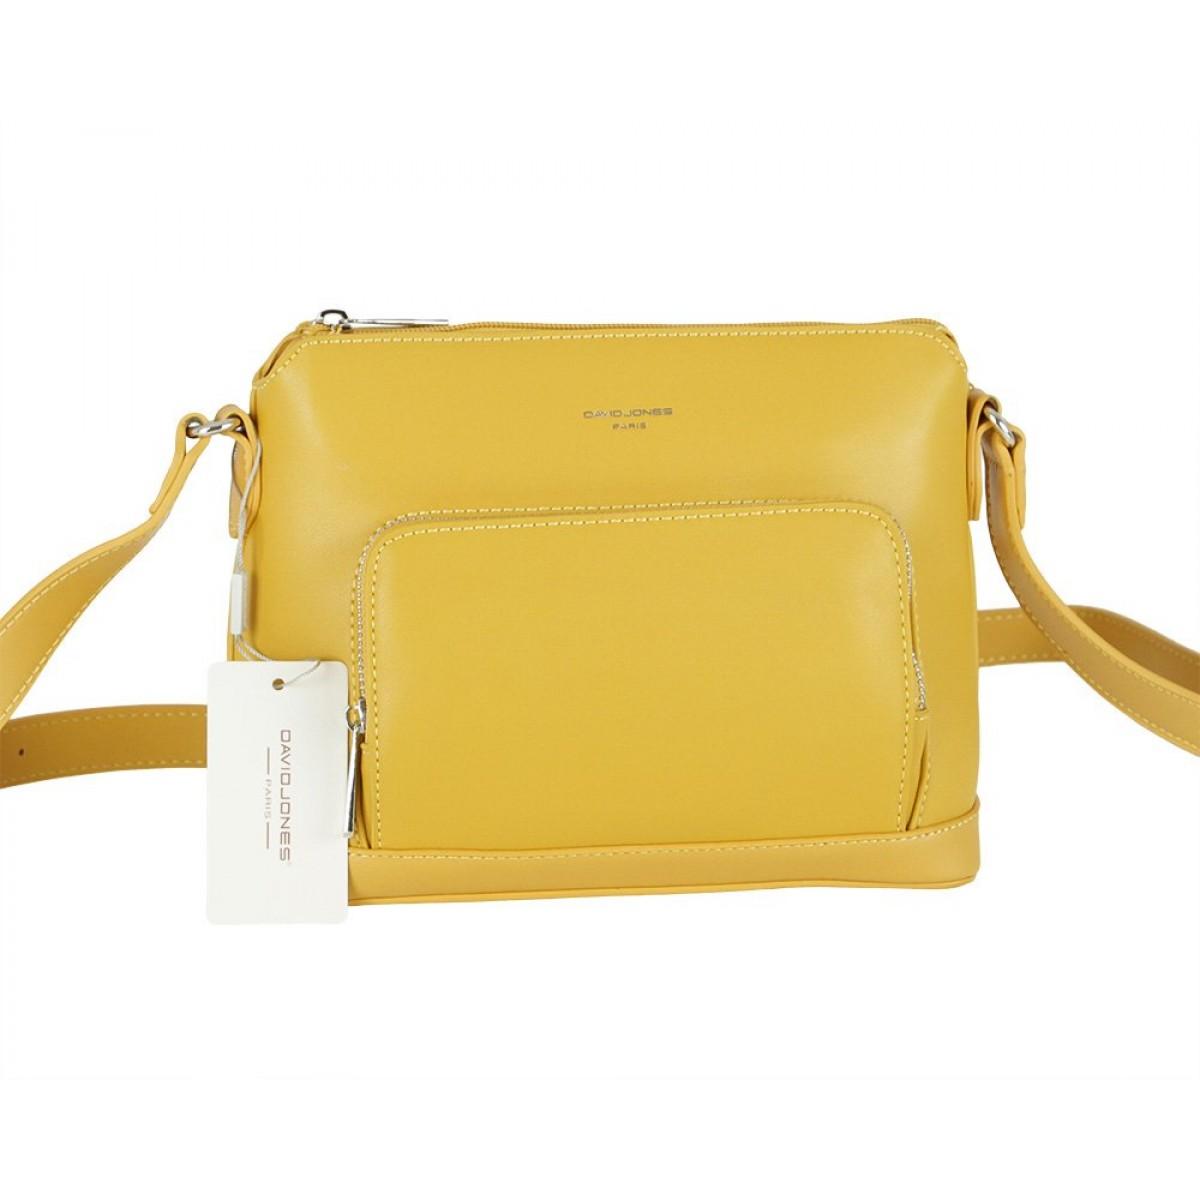 Жіноча сумка David Jones 6307-1 YELLOW